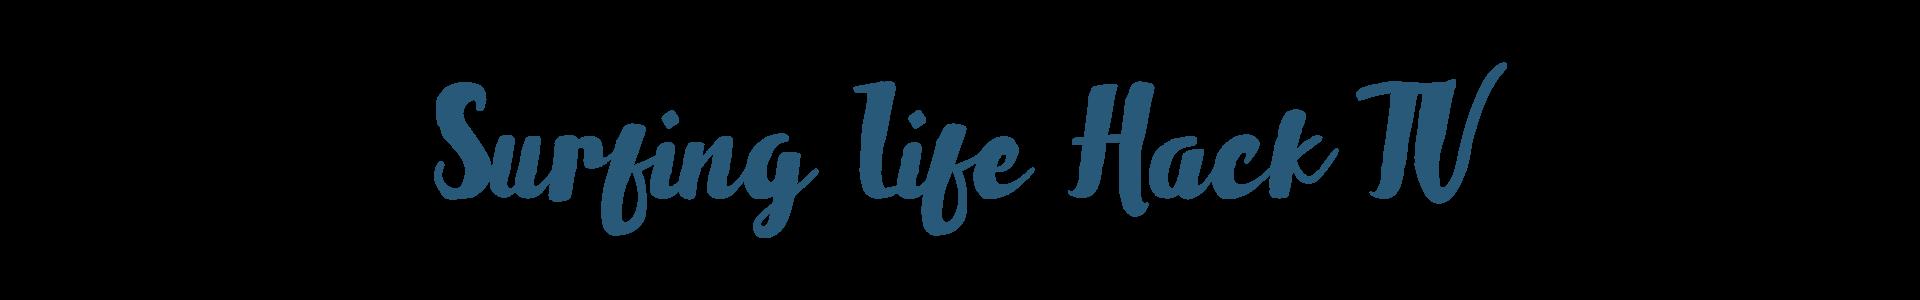 サーフィンライフハックTV公式ブログ